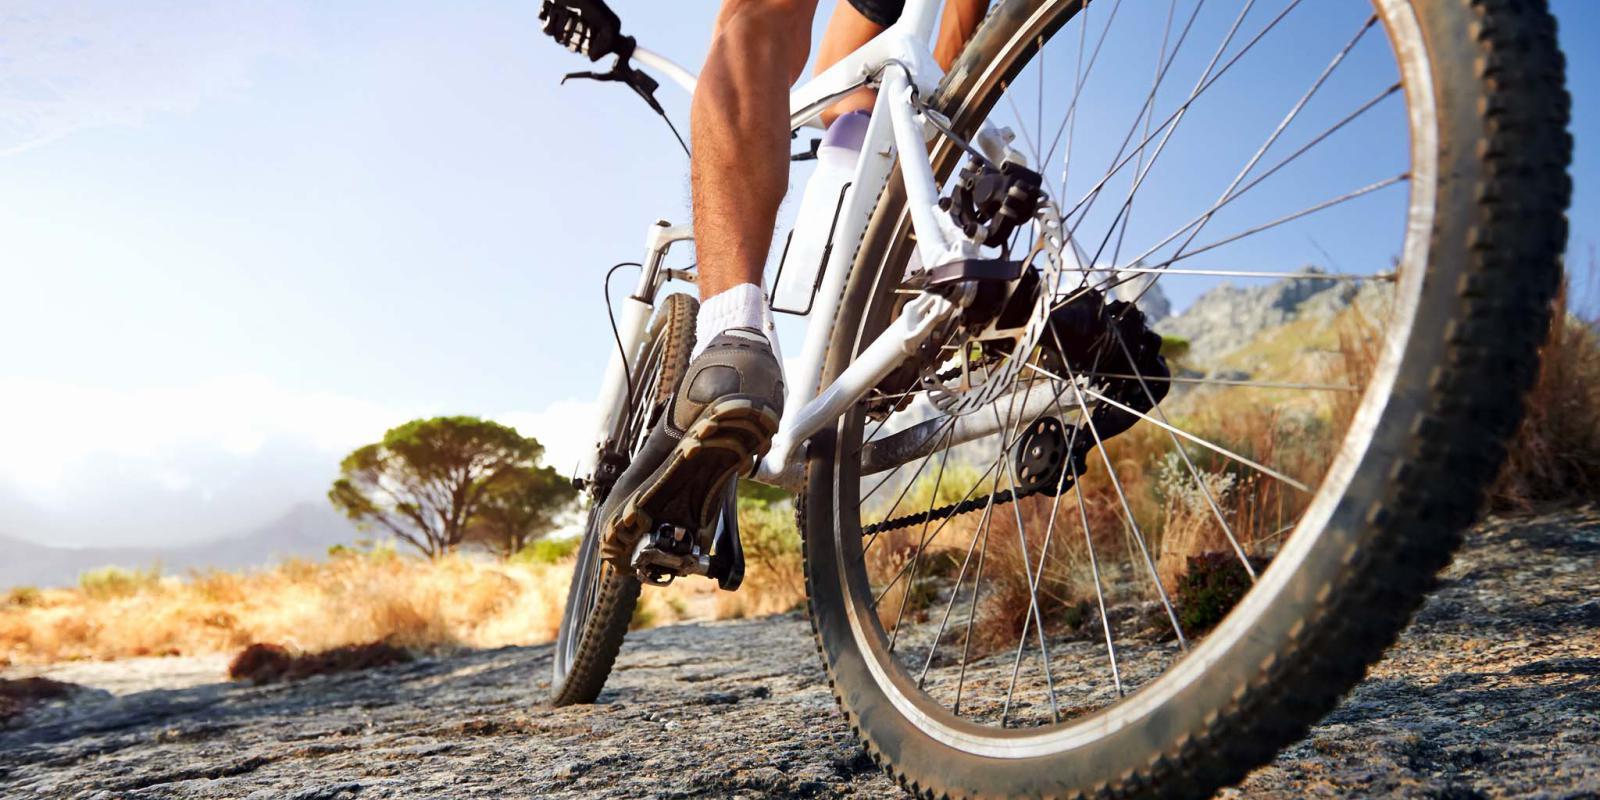 Percorsi in bicicletta in Toscana